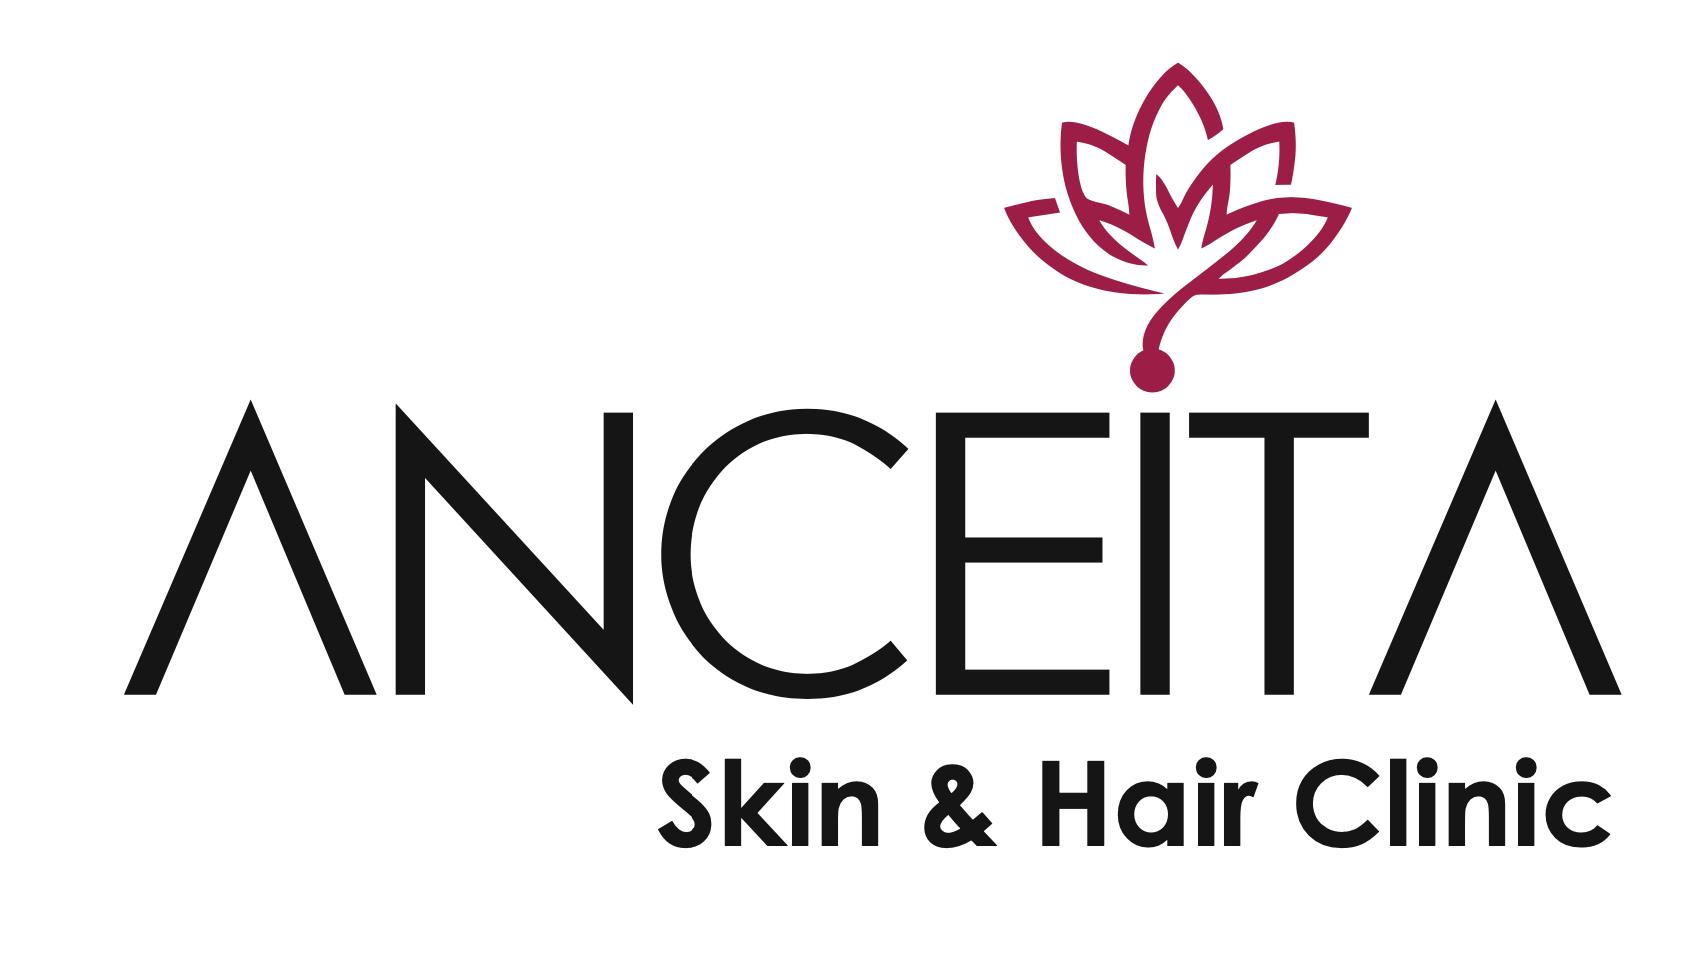 ANCEITA Skin & Hair Clinic